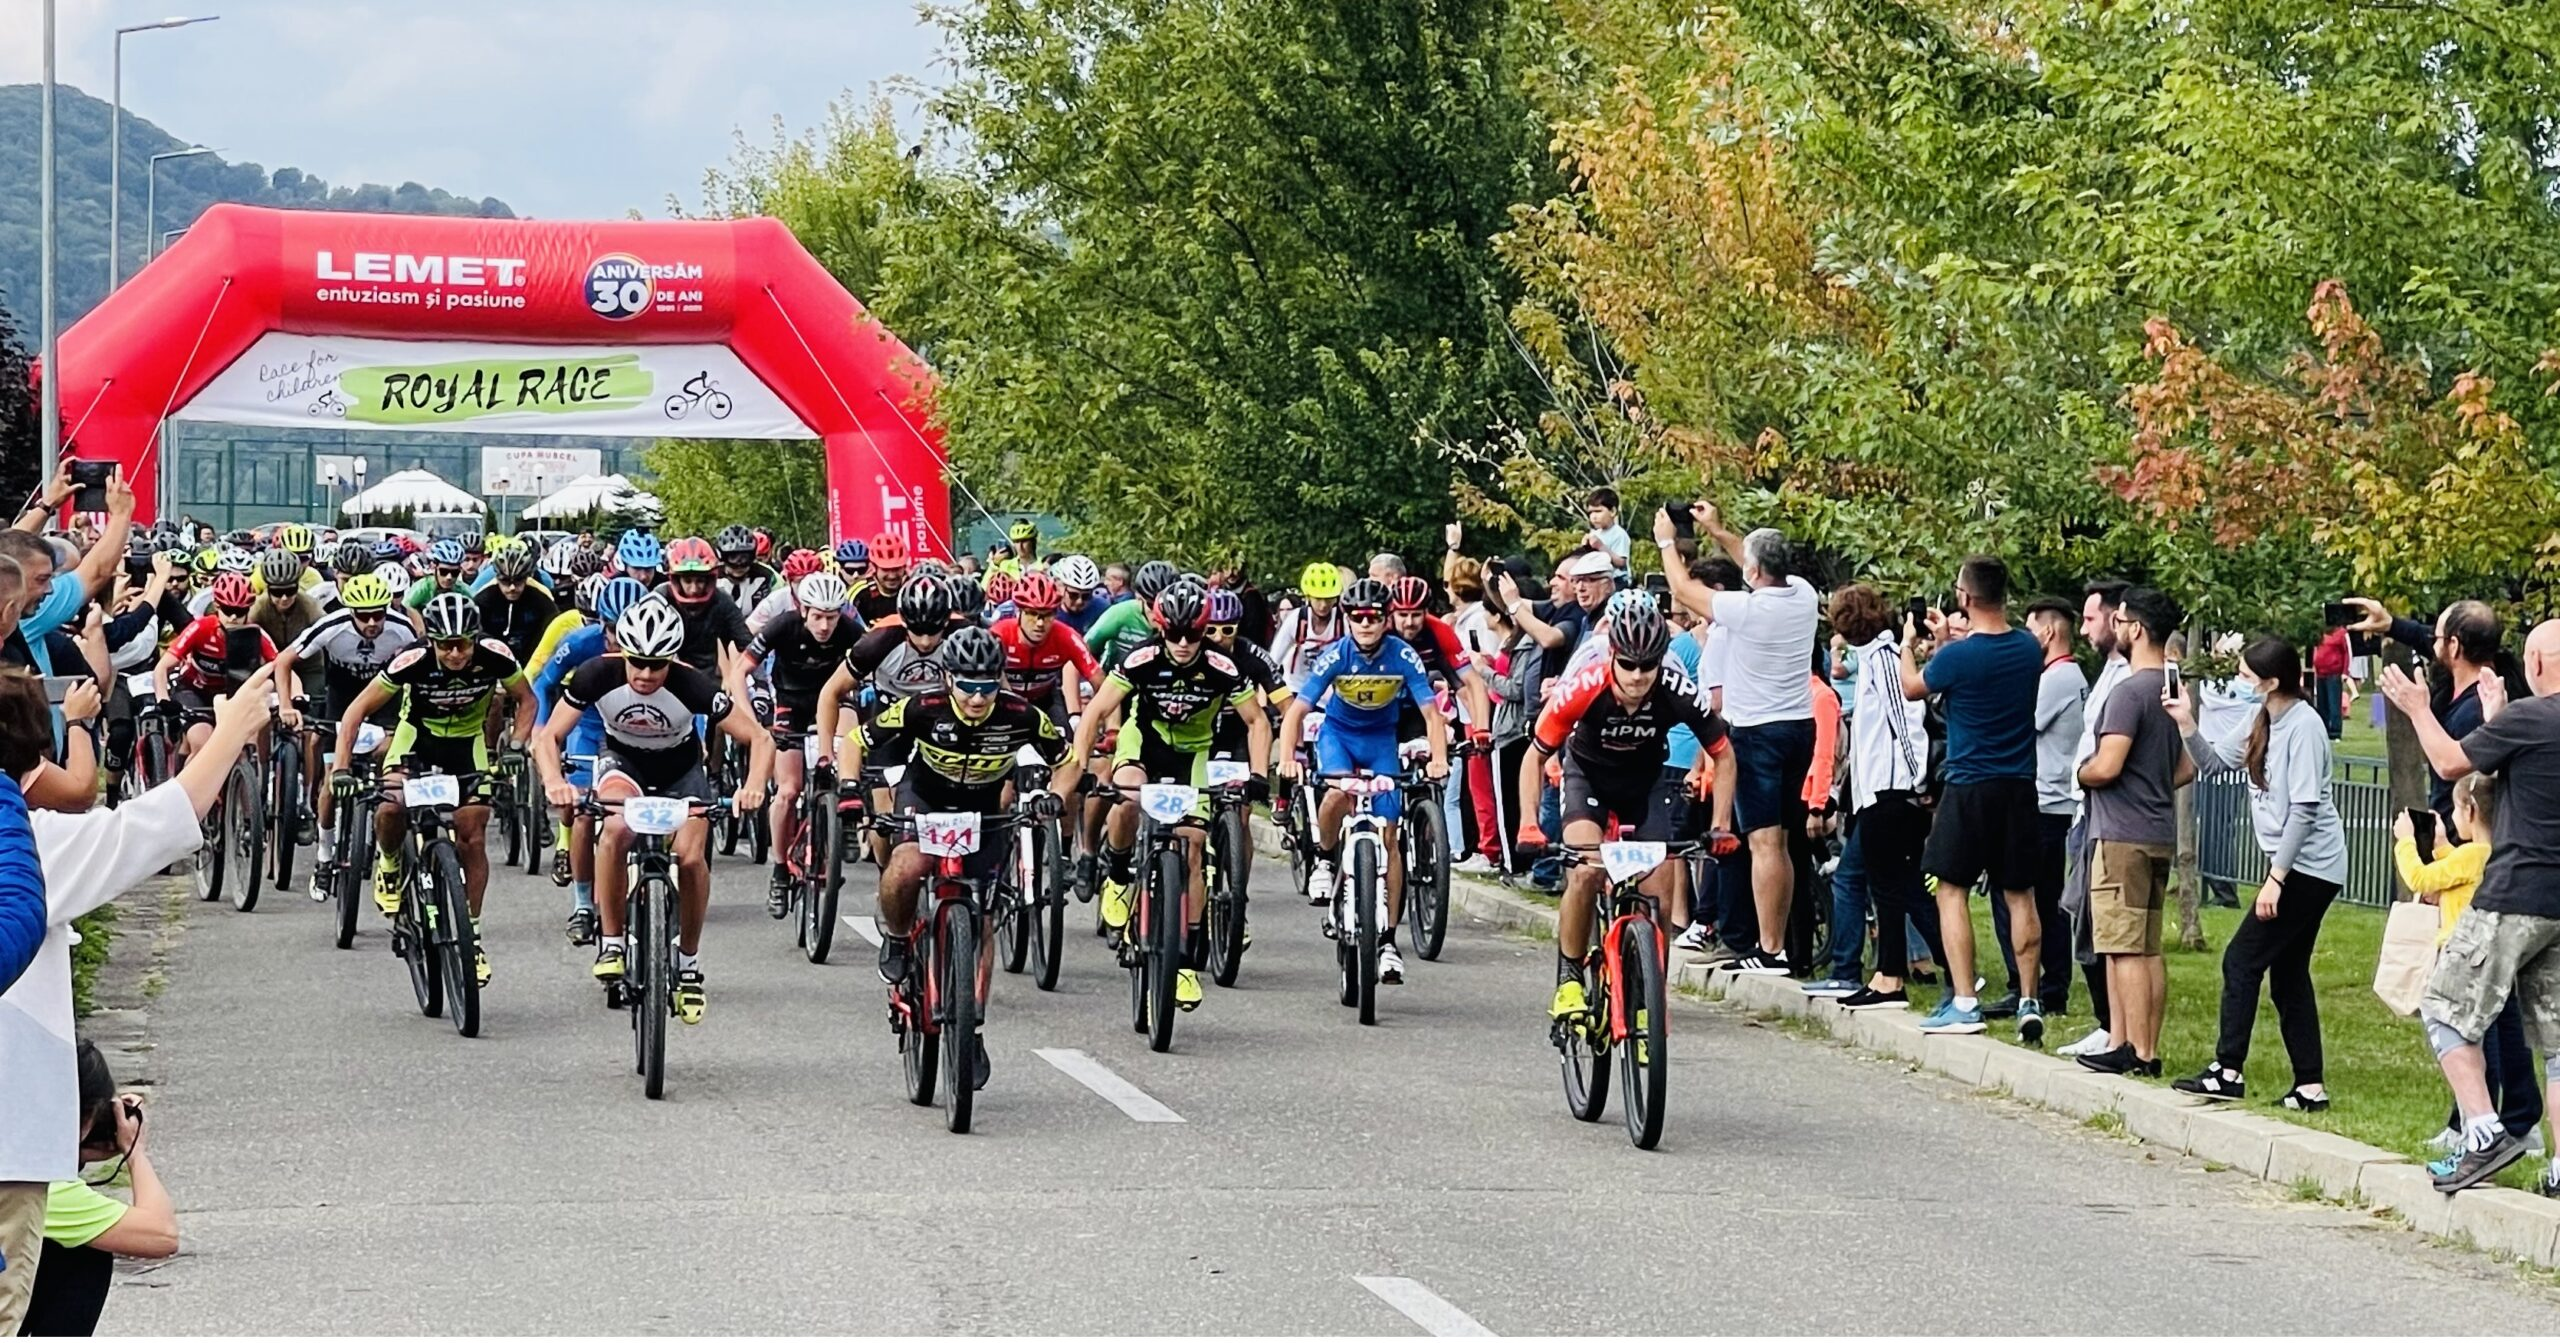 Competiţia de ciclism Royal Race Câmpina